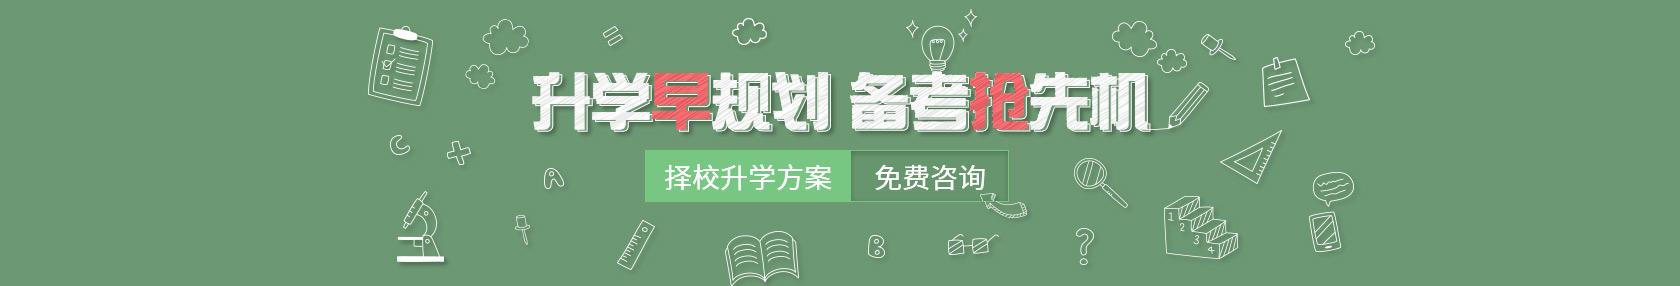 【免费】升学早规划备考抢先机,免费咨询择校升学方案